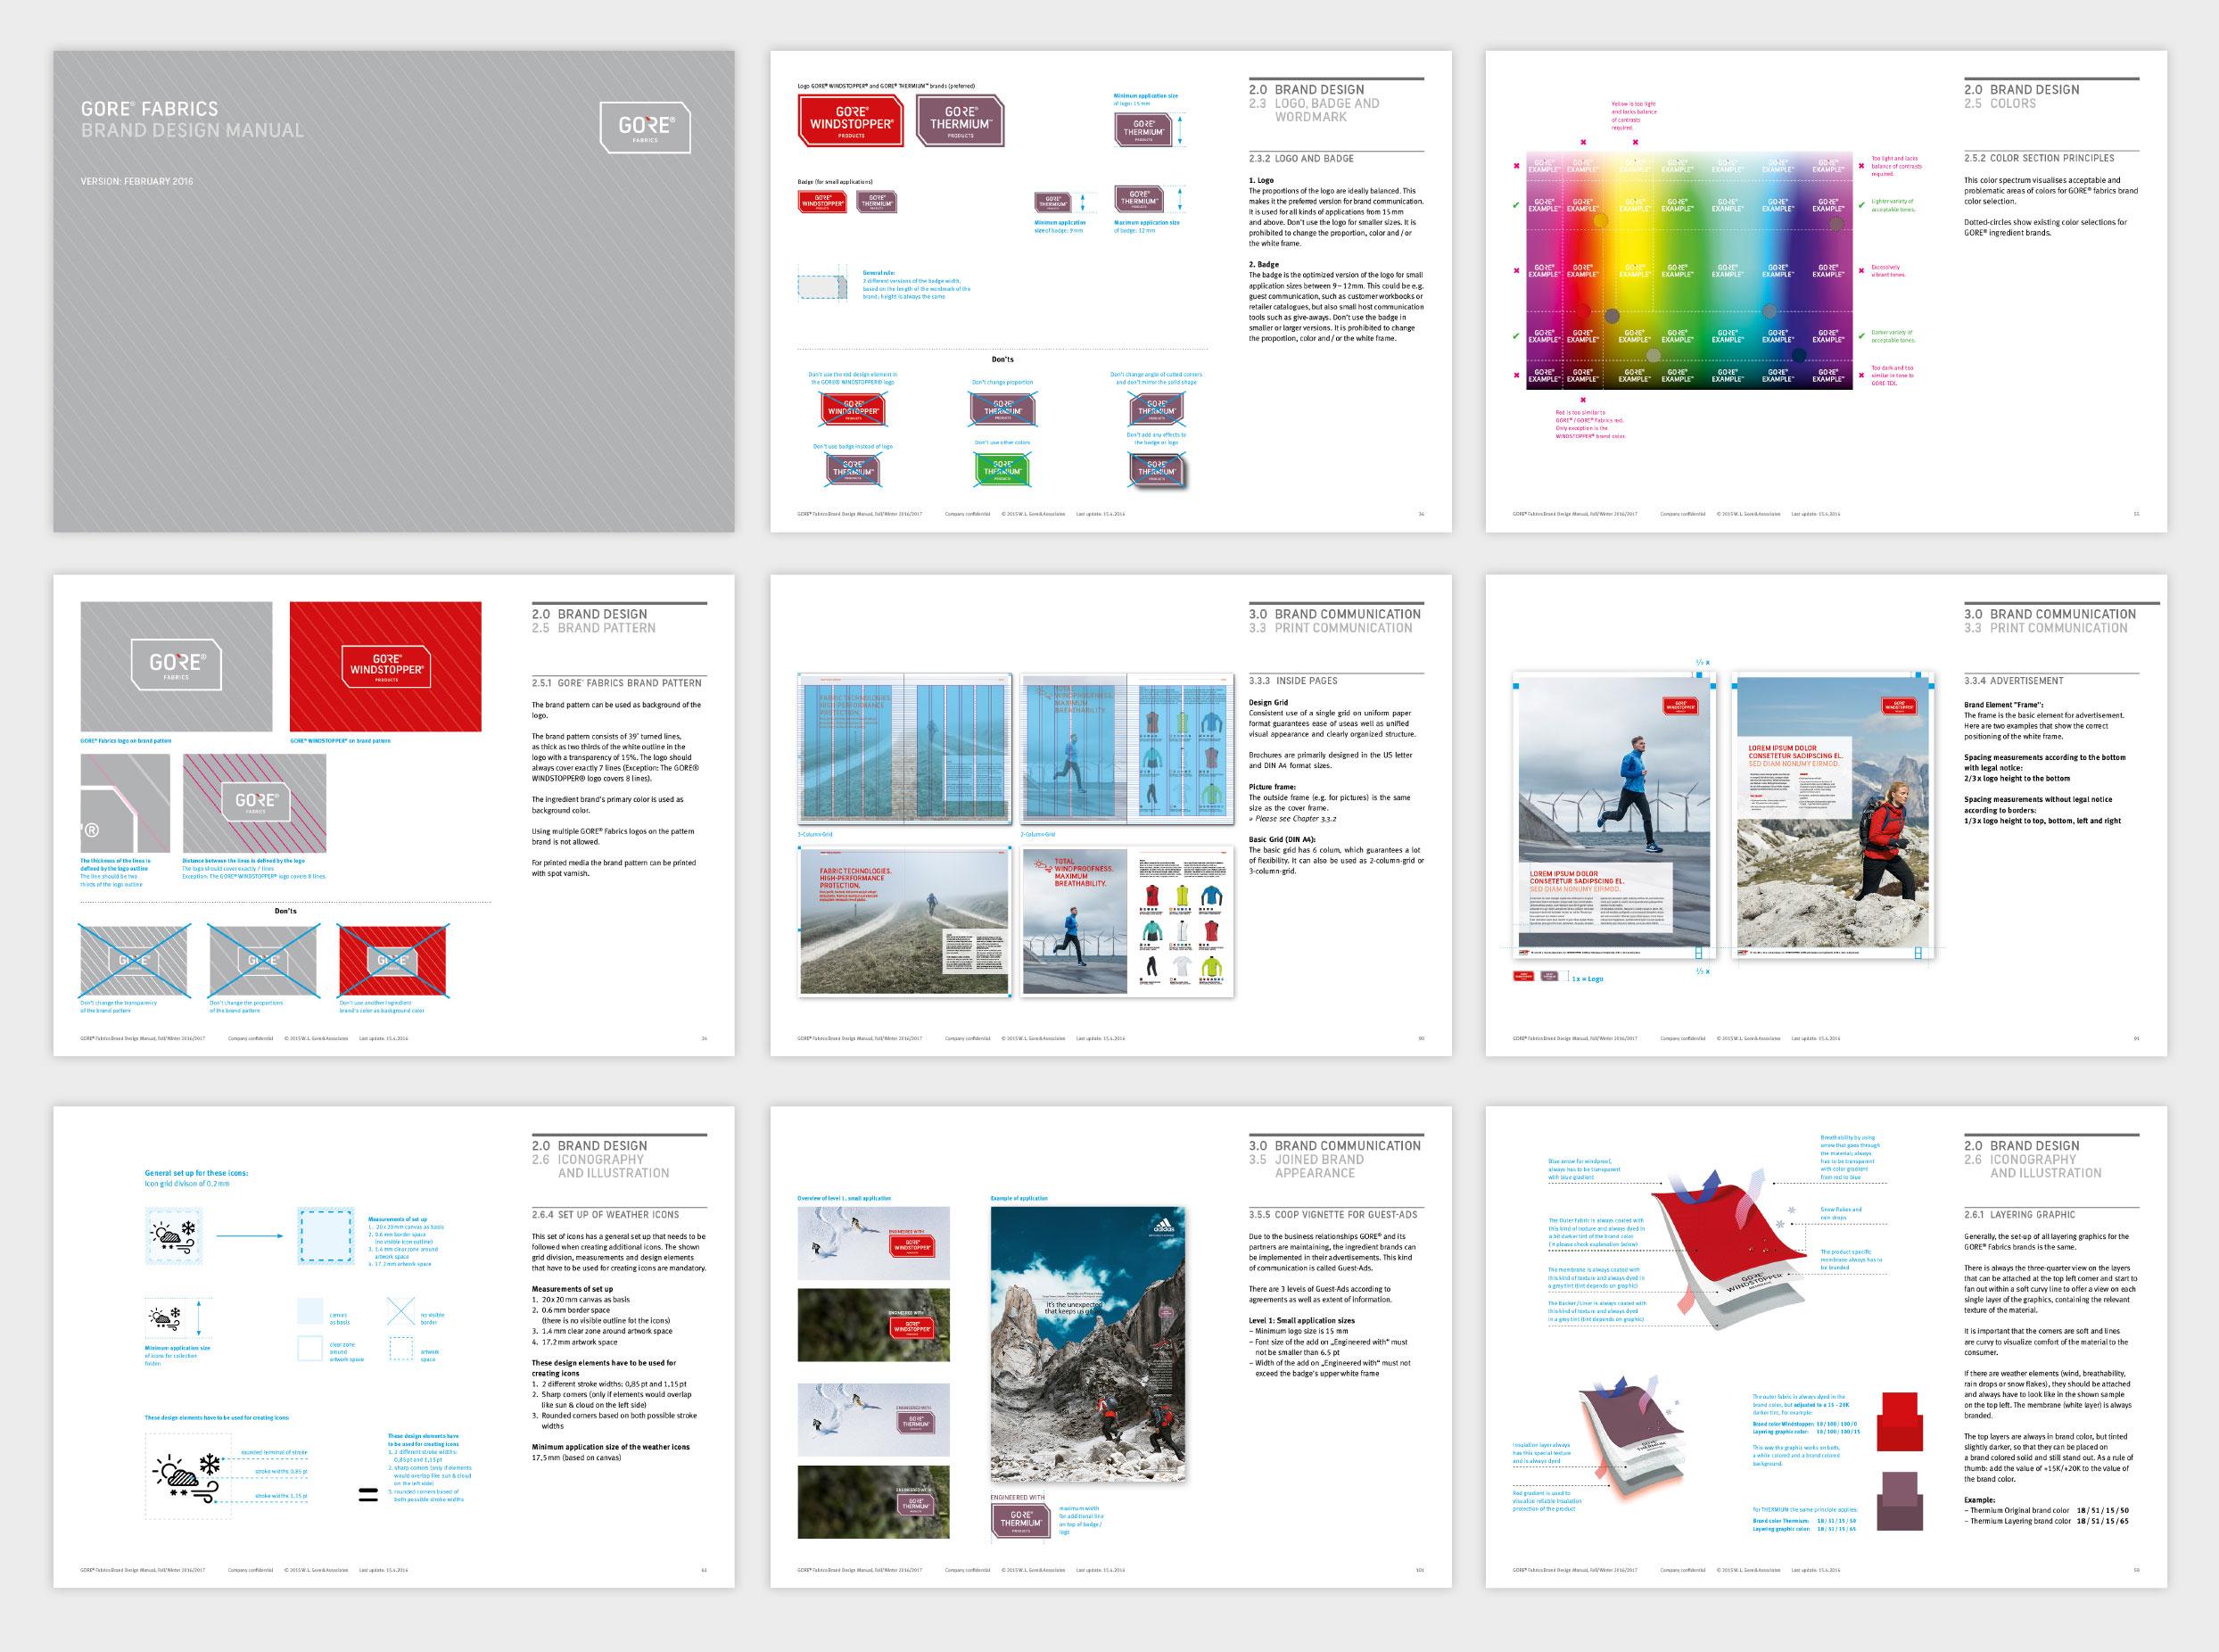 minigram_gore-tex_gore-fabrics-brand_20